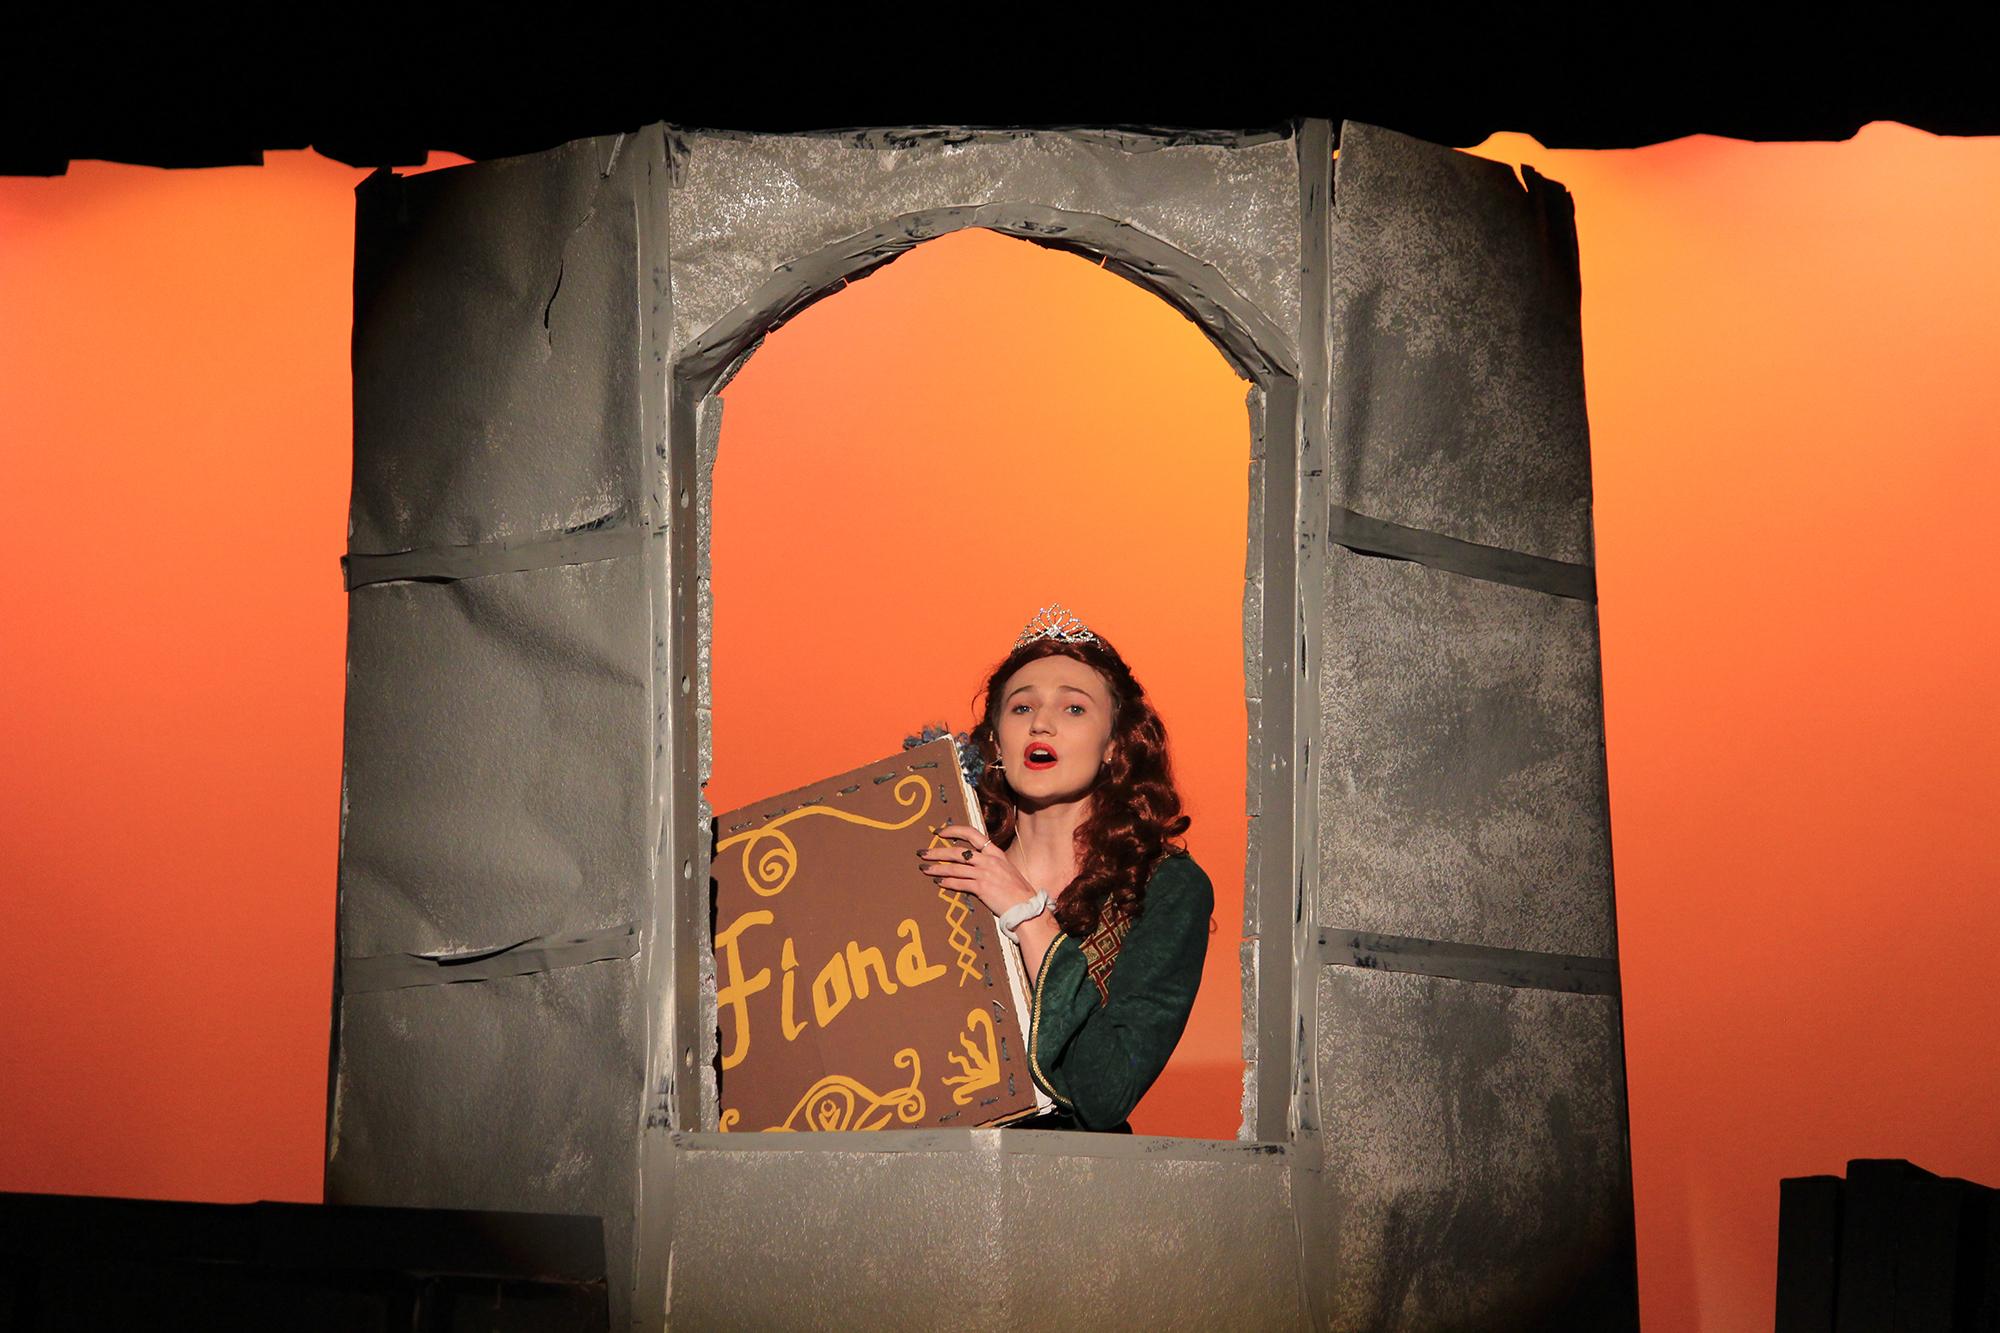 Emma Graening as Princess Fiona